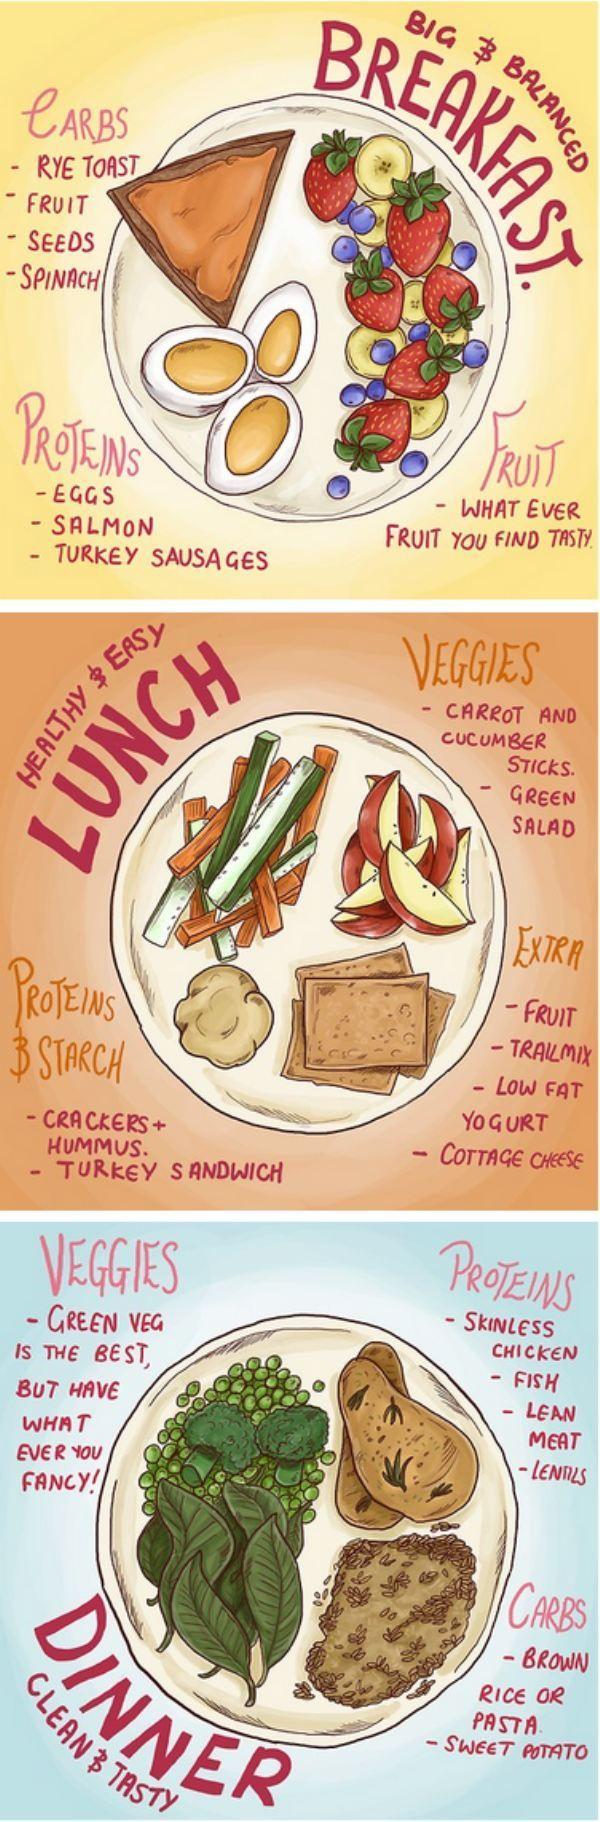 Healthy breakfast, lunch, & dinner ideas: